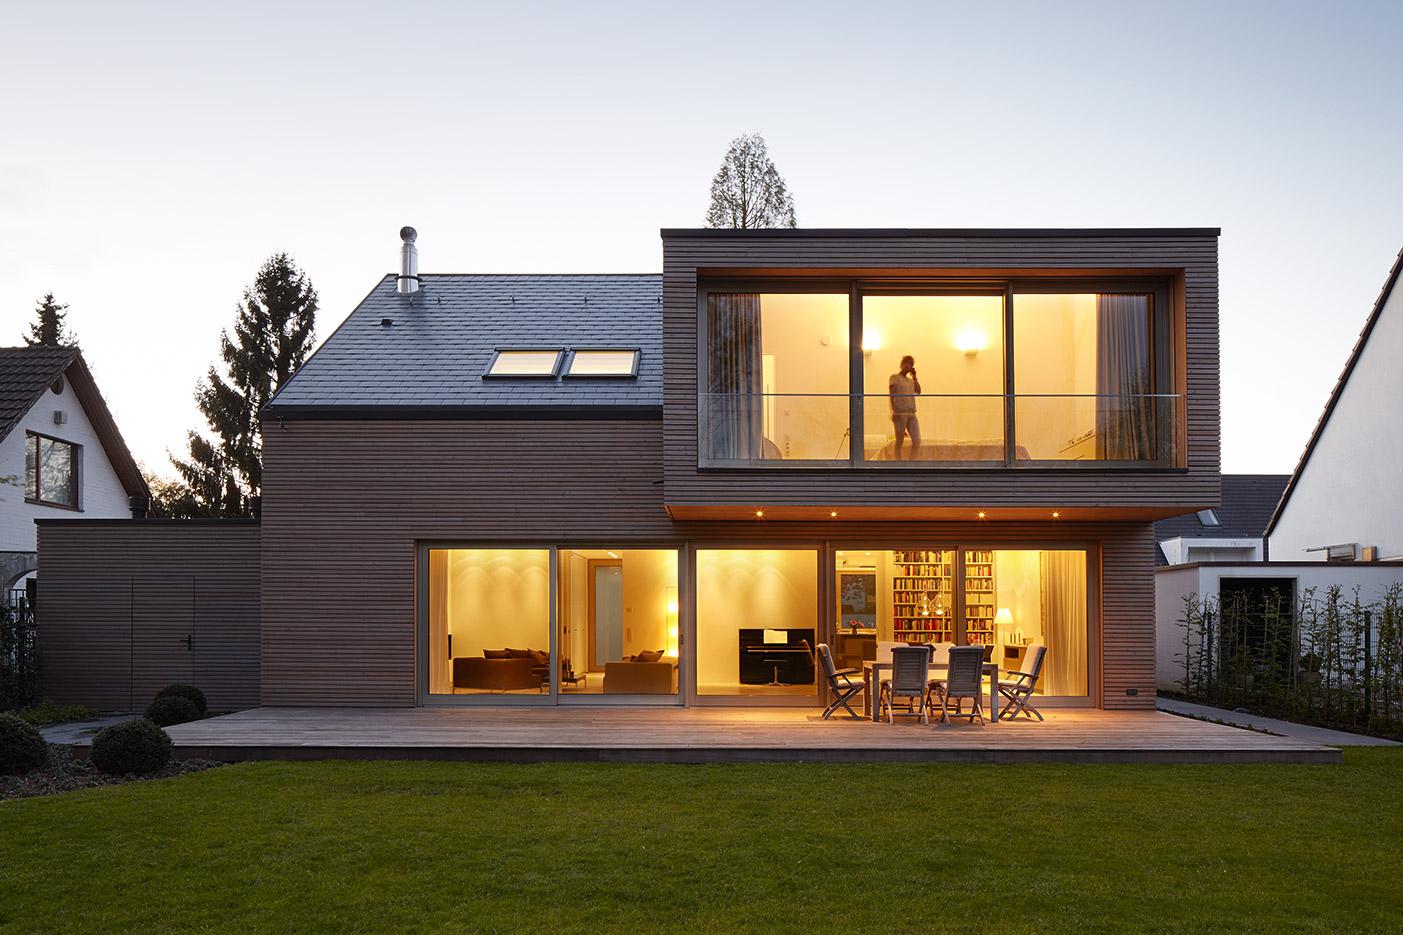 Düsseldorf Architekten houses michael reisch architekturfotografie